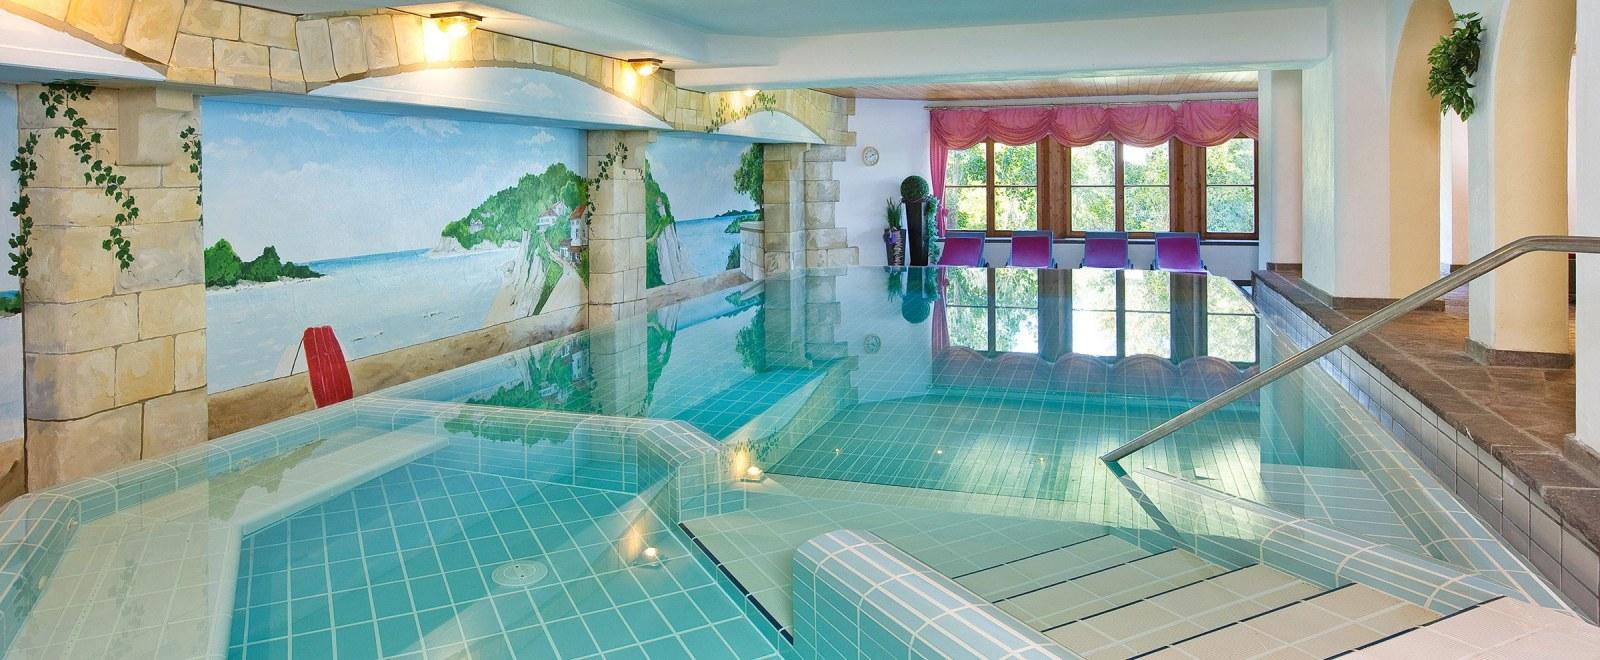 Schwimmbad für Ihren Wellnessurlaub in Oberstdorf